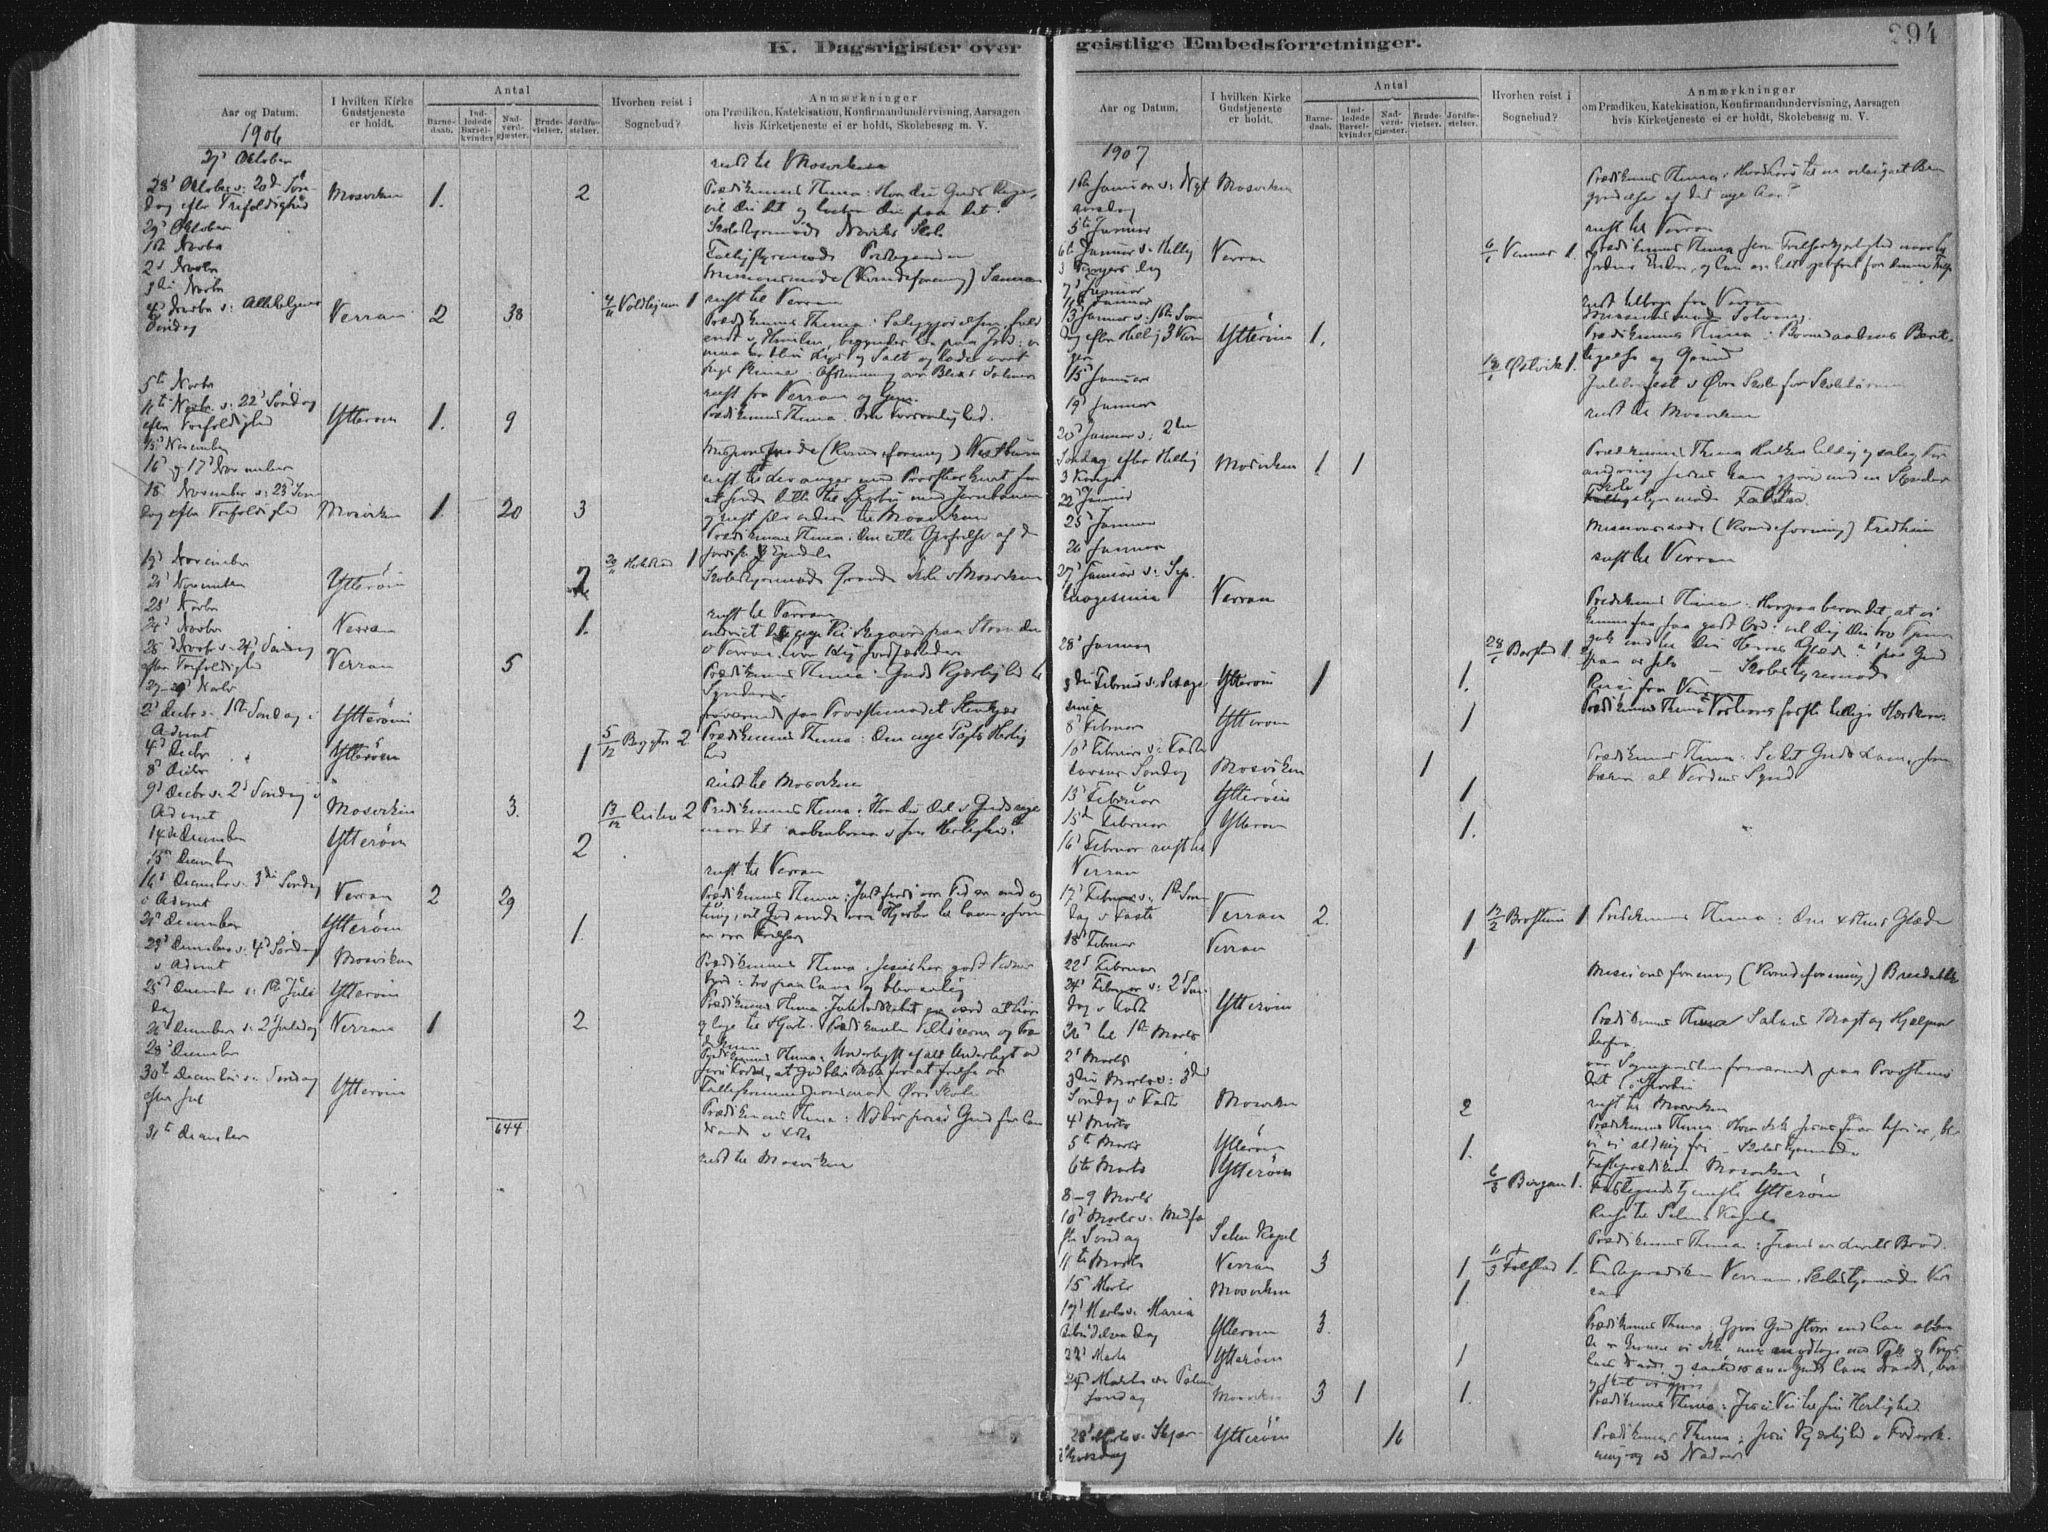 SAT, Ministerialprotokoller, klokkerbøker og fødselsregistre - Nord-Trøndelag, 722/L0220: Ministerialbok nr. 722A07, 1881-1908, s. 294